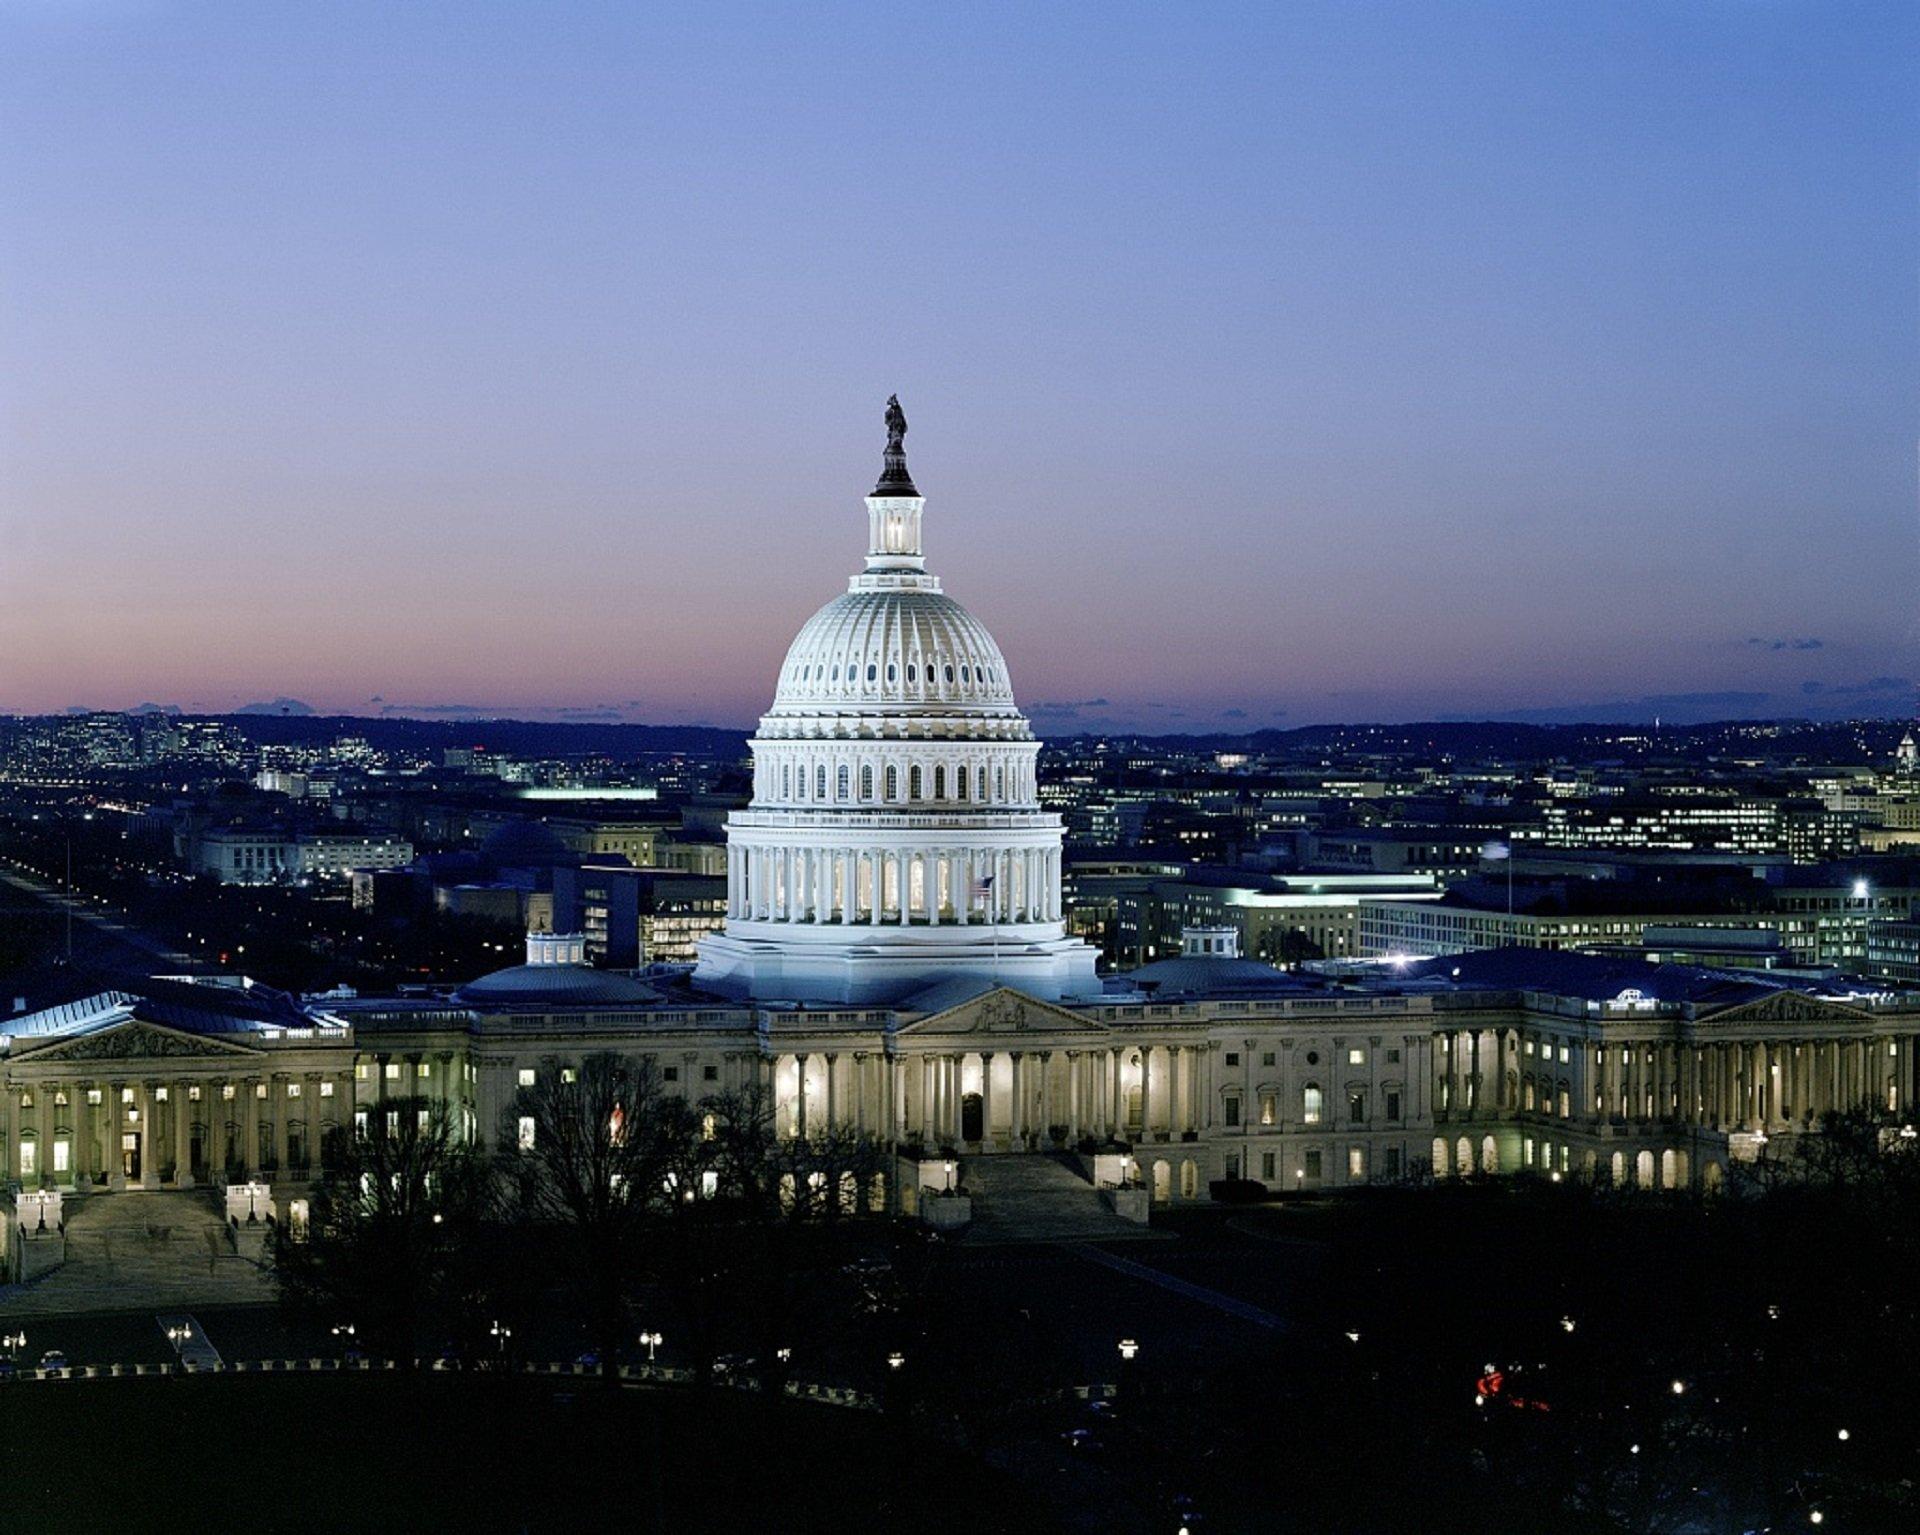 capitol_amerika_usa_vereinigte staaten von amerika_vereinigte staaten